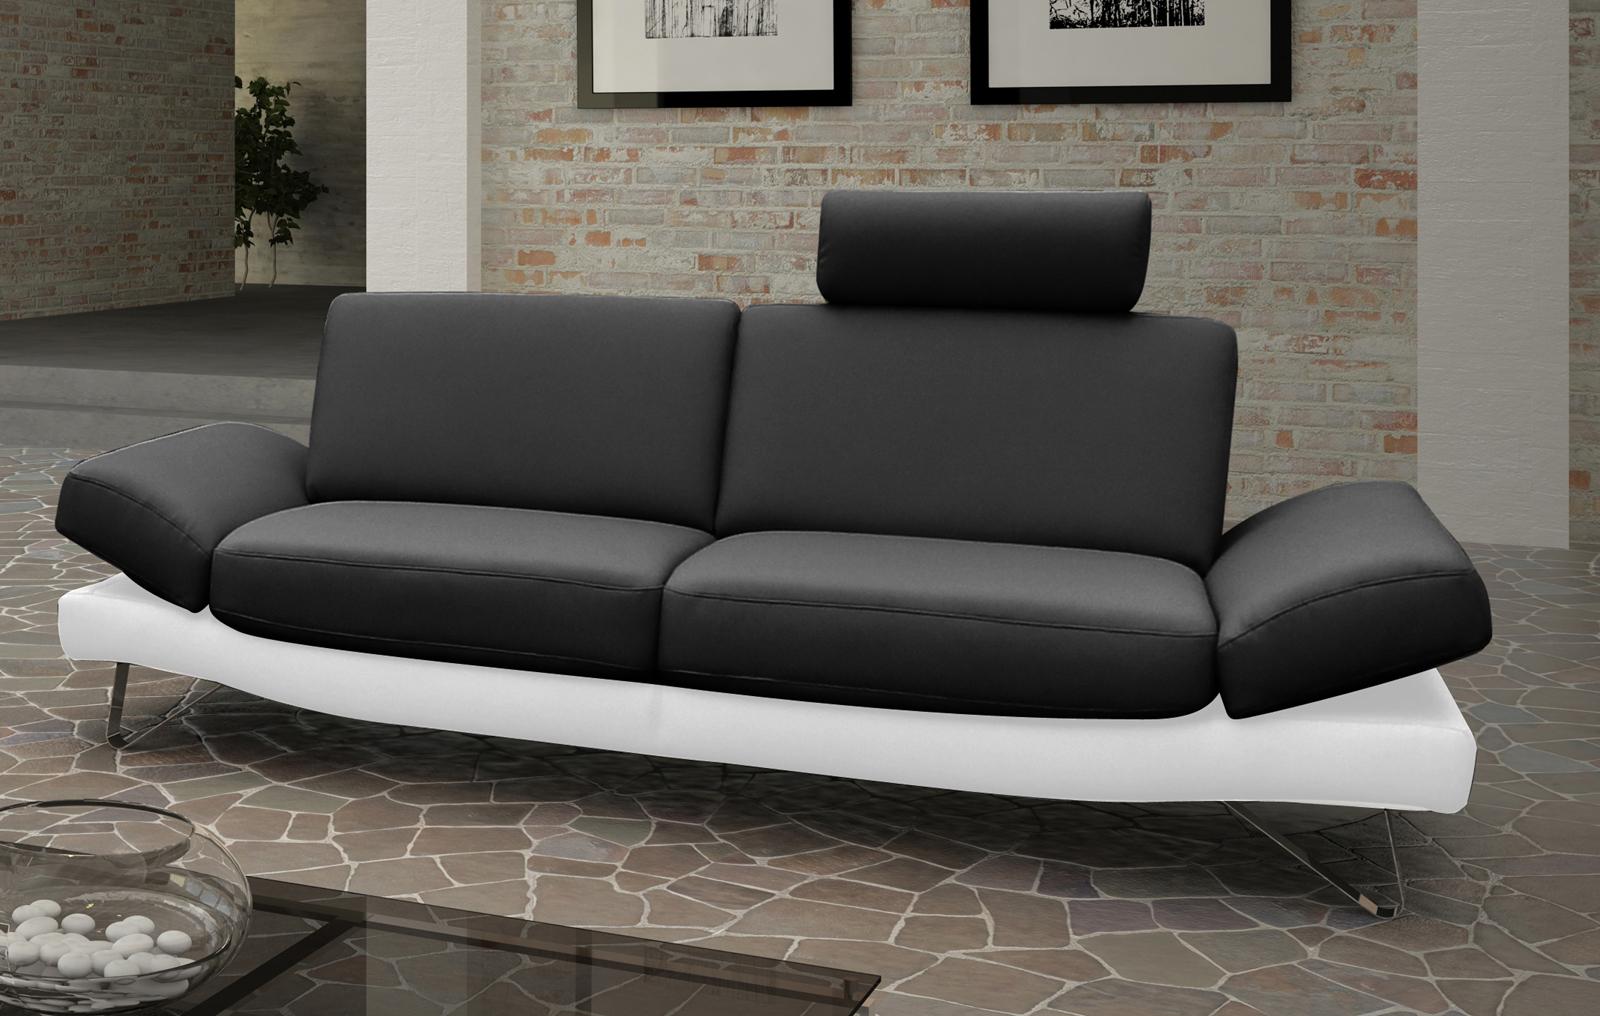 Good Sale Design Sofa Garnitur Sitzer Schwarz Wei Classic Auf Lager With  Schlafsofa Schwarz Wei